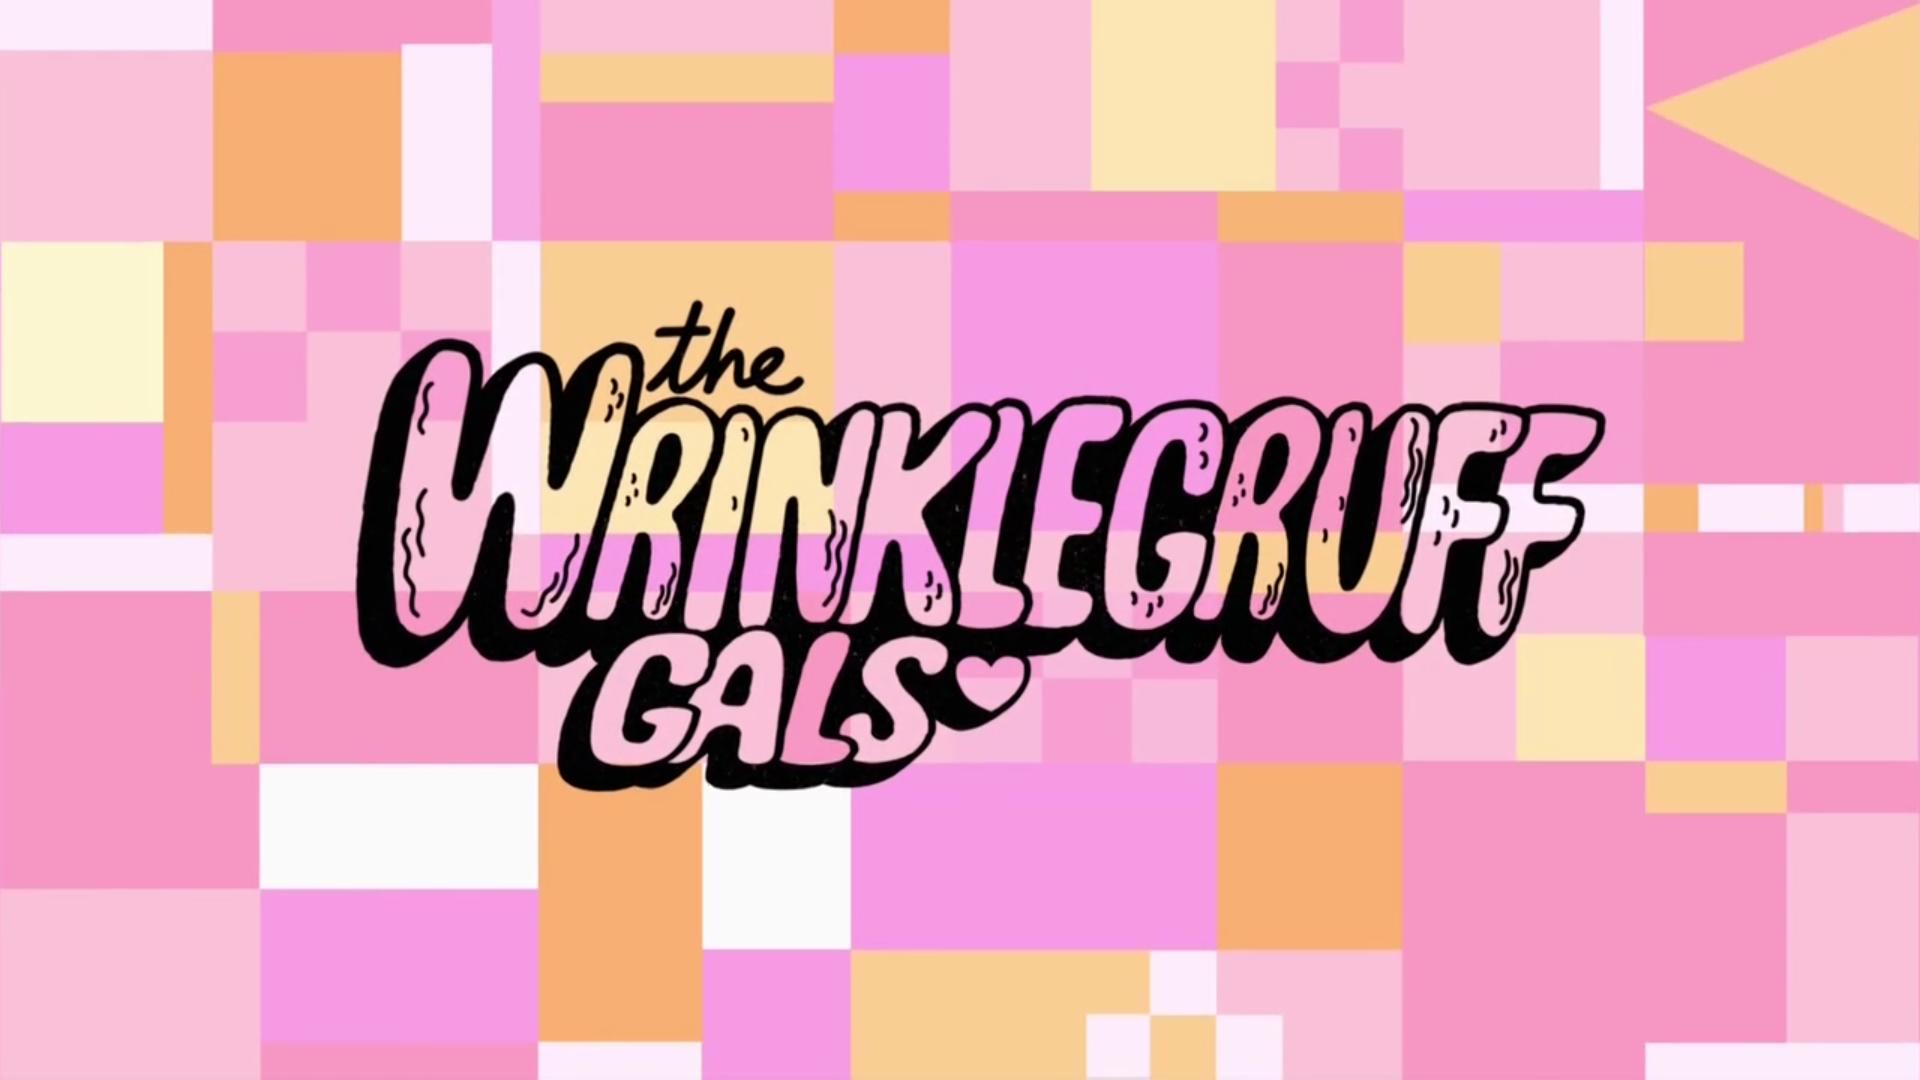 the wrinklegruff gals powerpuff girls wiki fandom powered by wikia